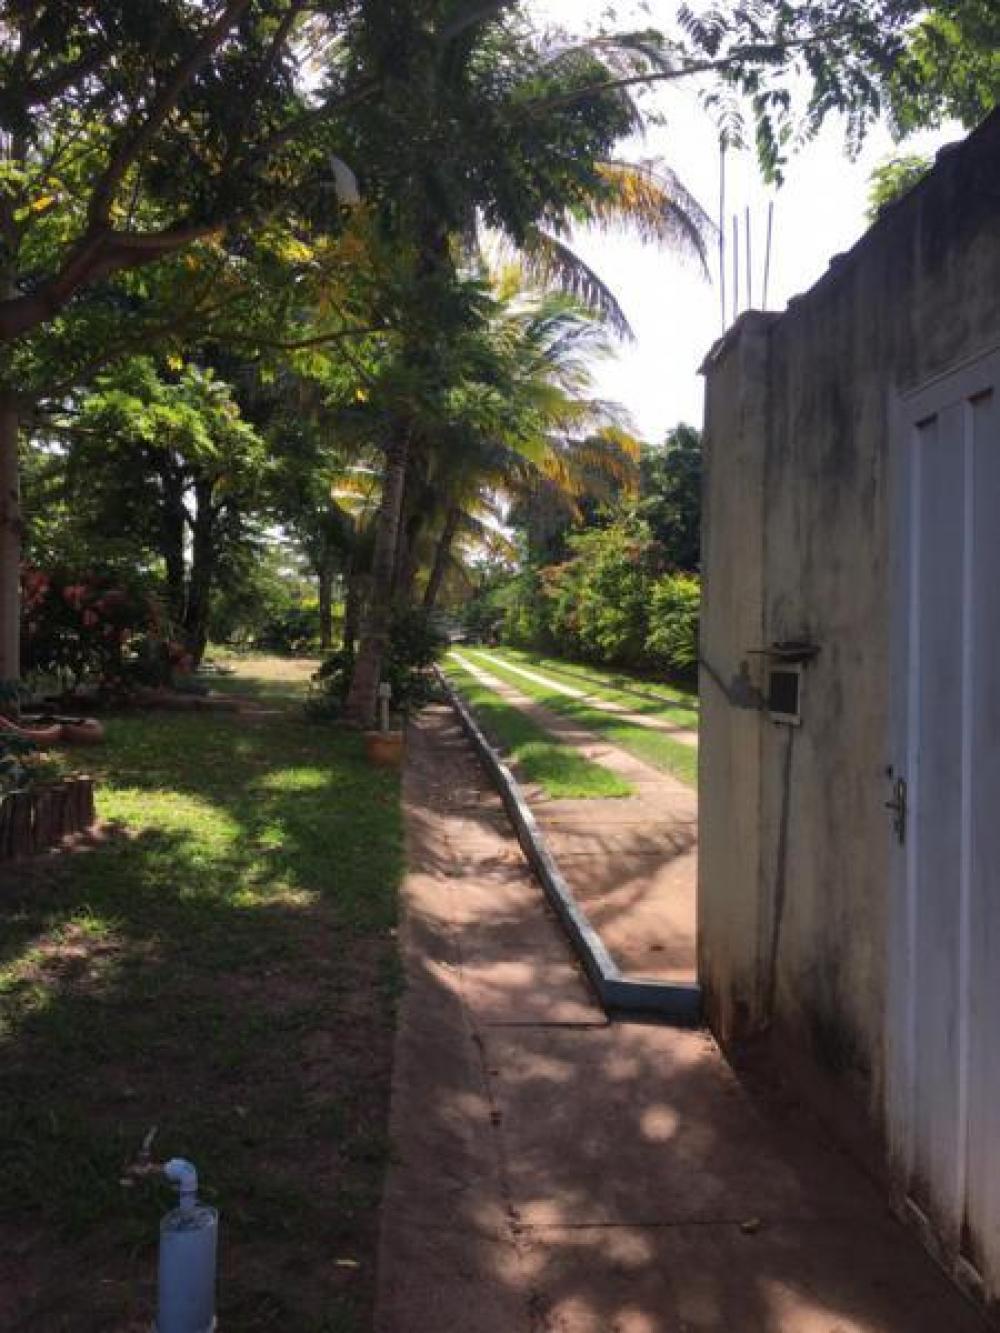 Comprar Rural / Chácara em São José do Rio Preto R$ 600.000,00 - Foto 15